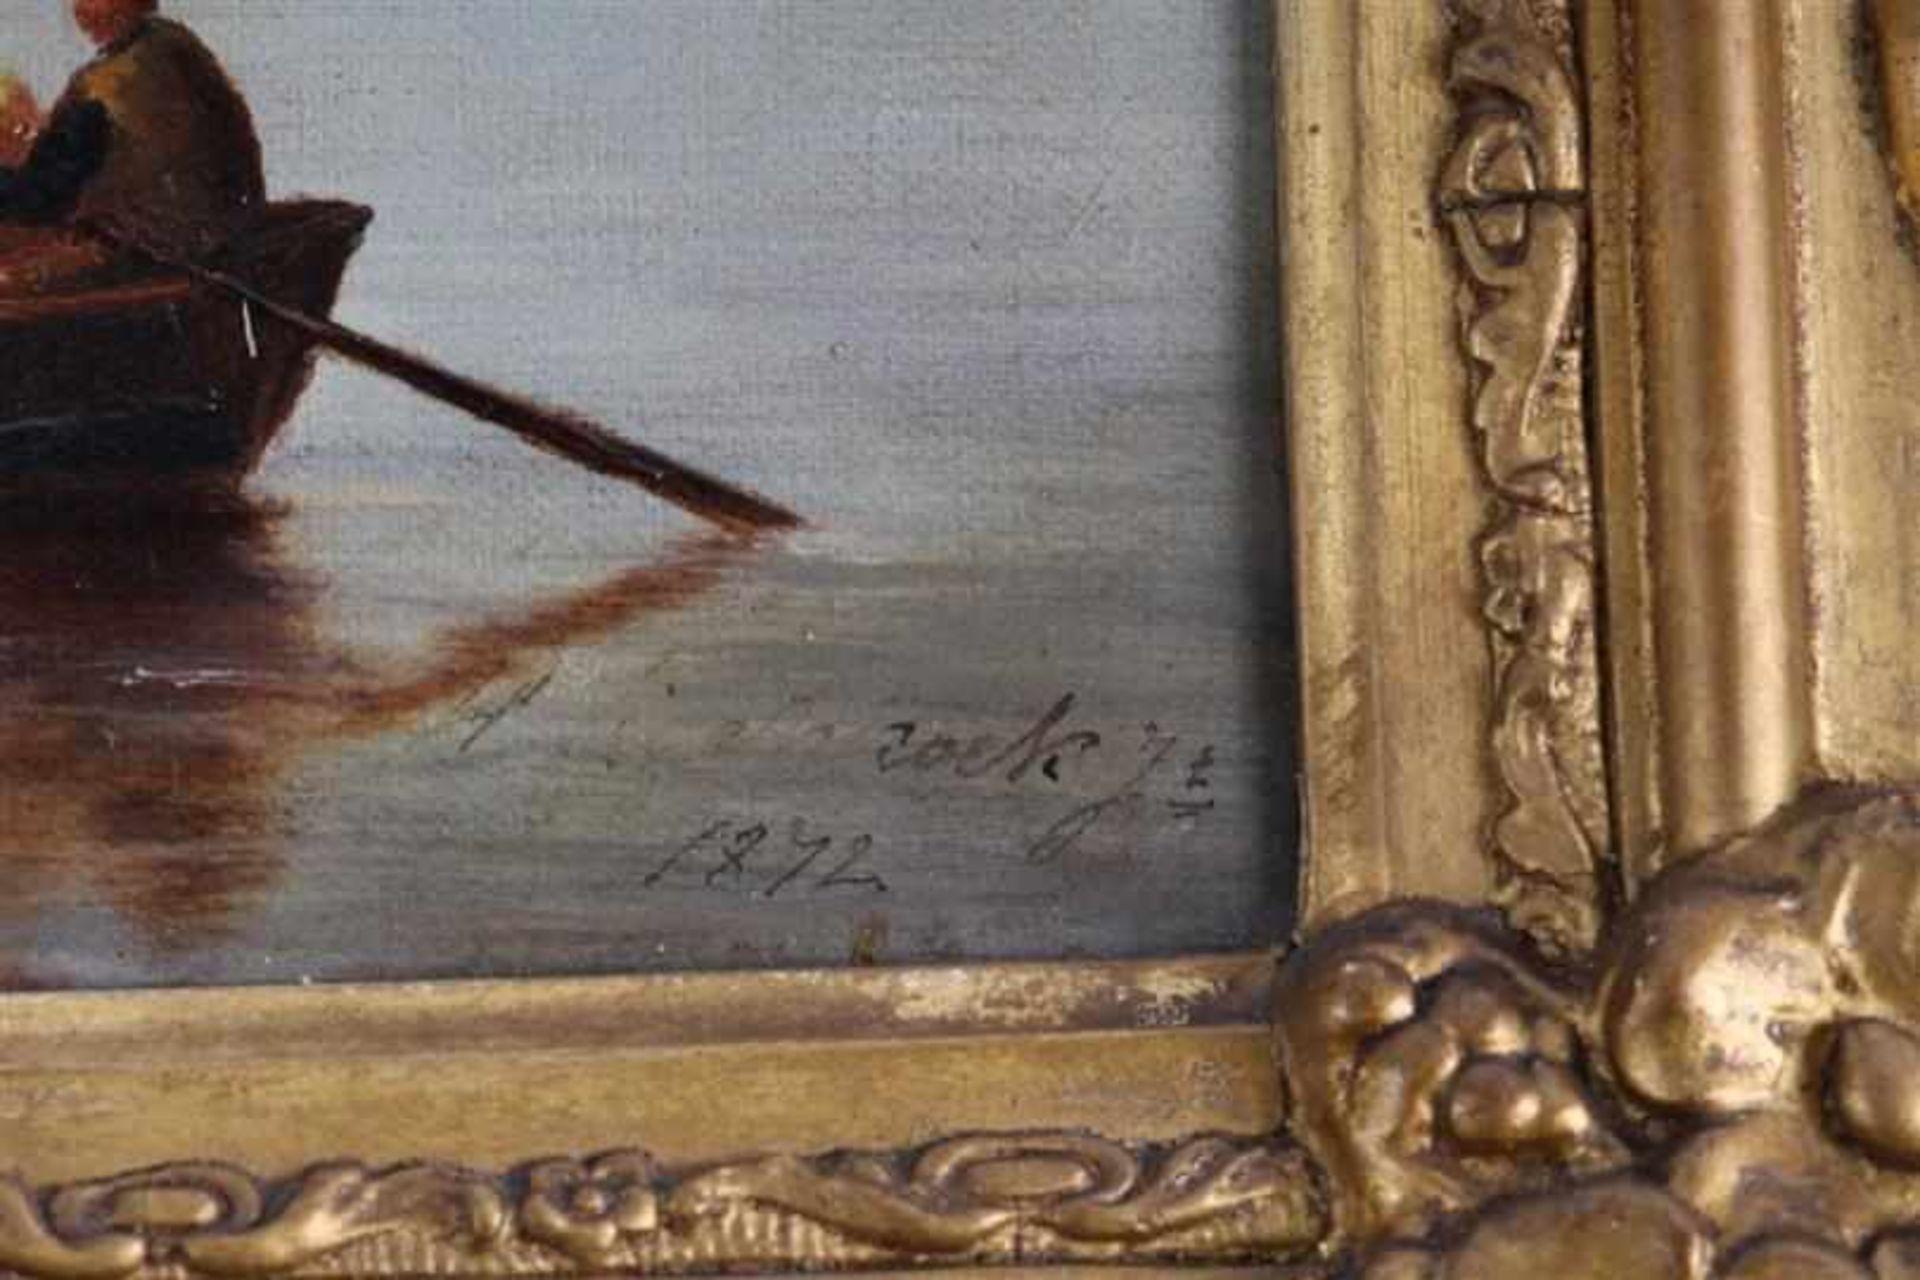 Schilderij, olieverf op doek, 'Zeegezicht', naar H. Koekoek. HxB: 30 x 42 cm. - Bild 3 aus 4